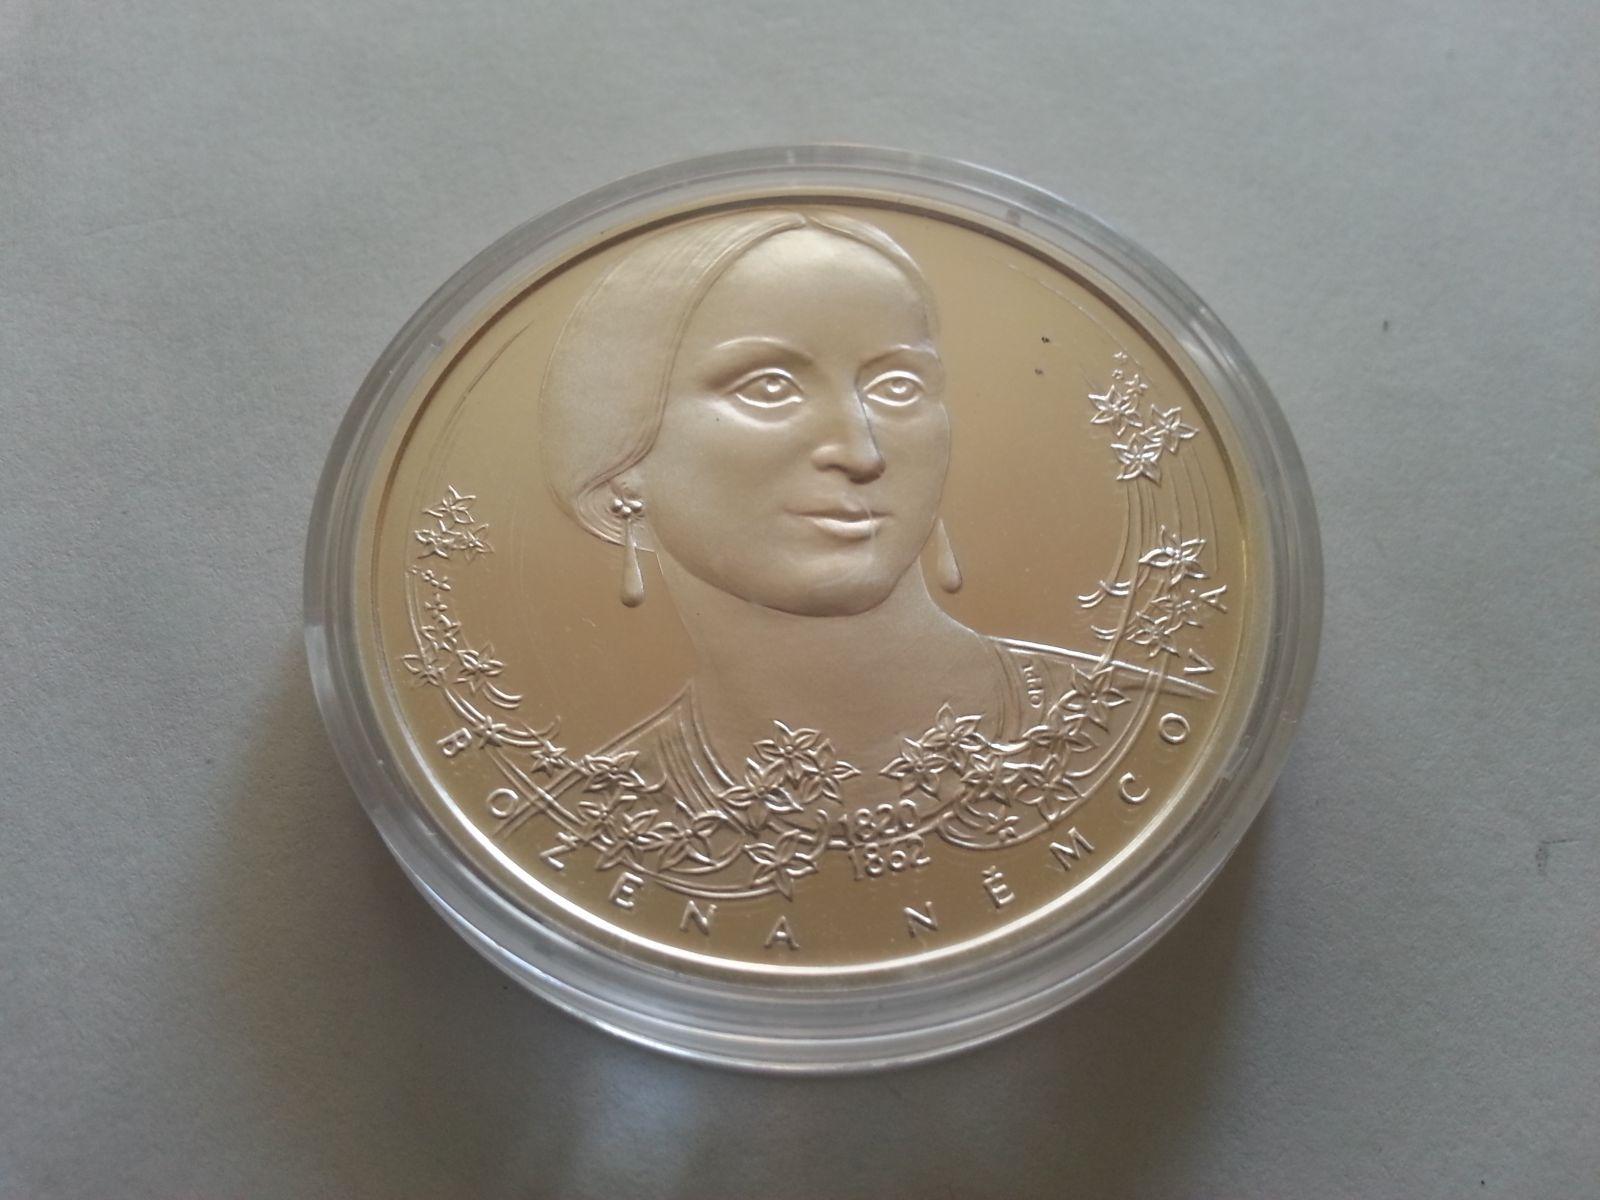 Božena Němcová, (průměr 40mm), Ag medaile, ČR